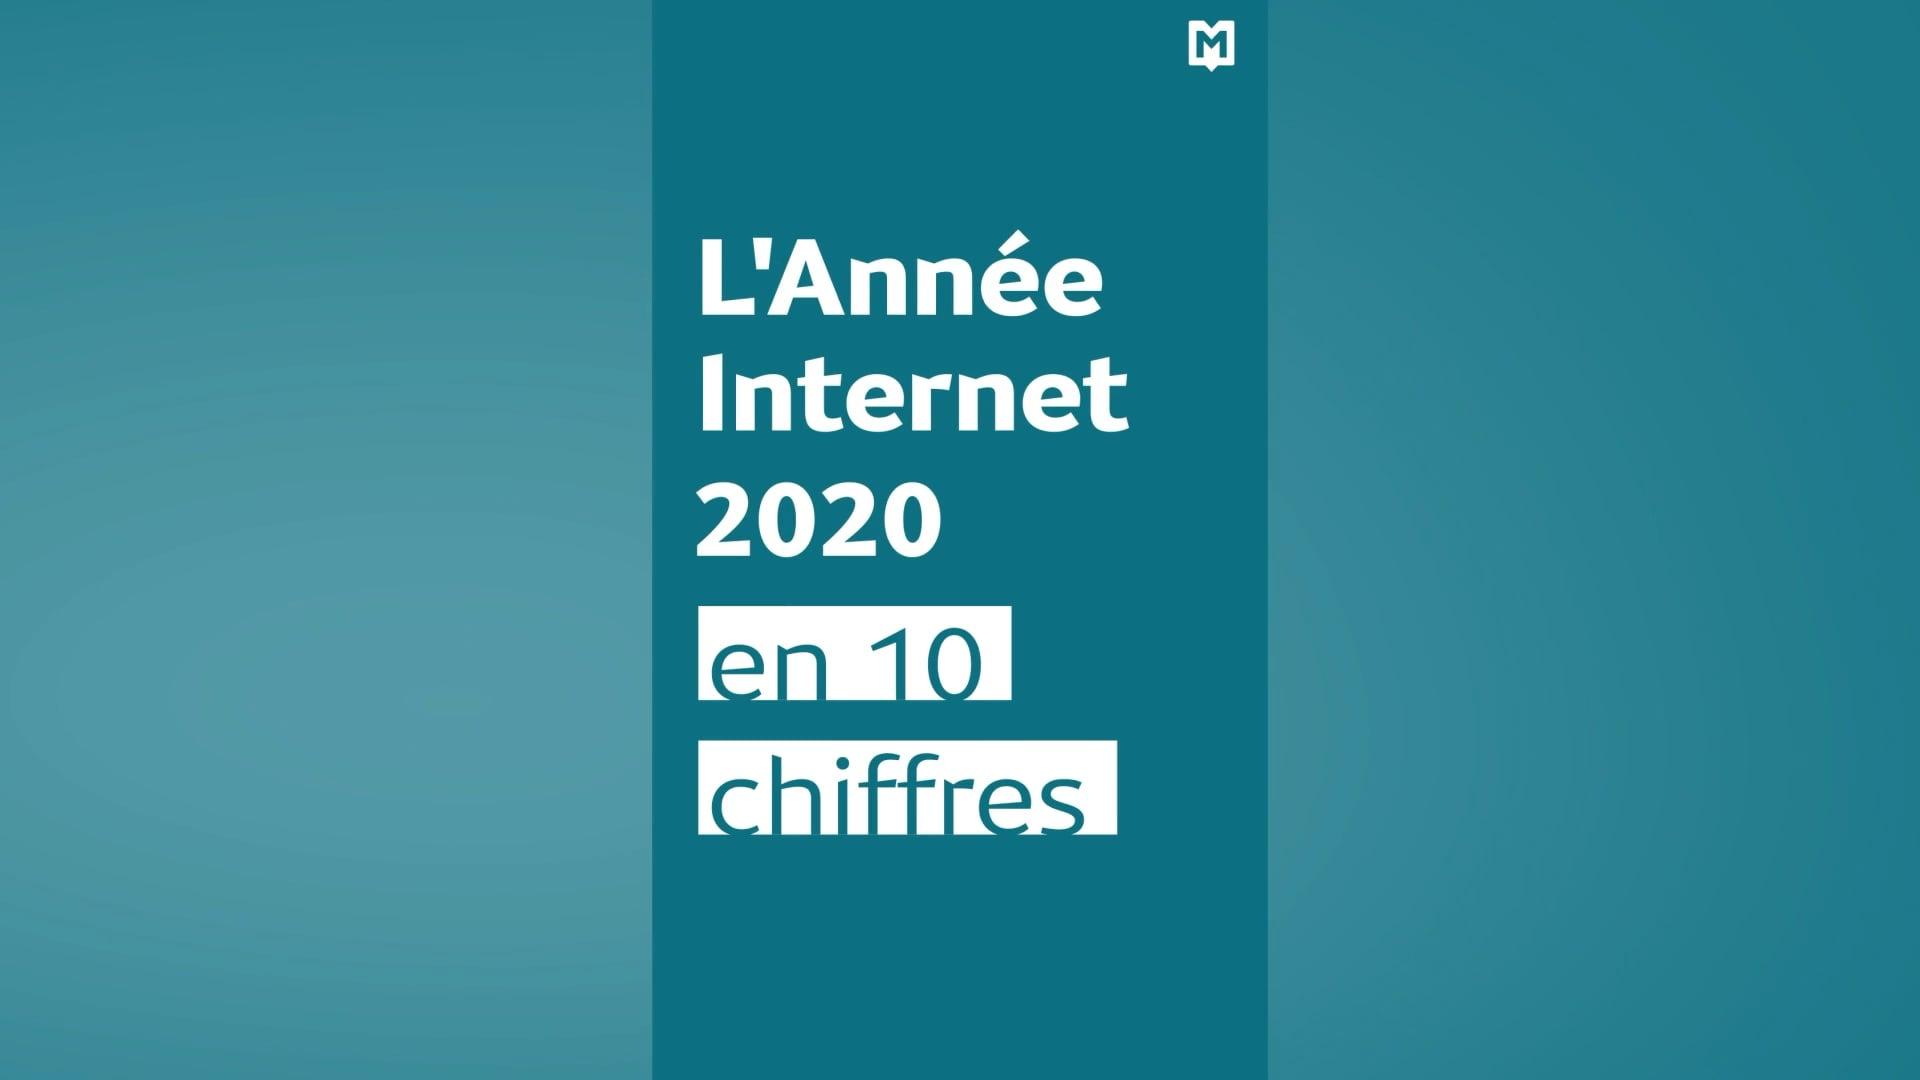 internet en 2020